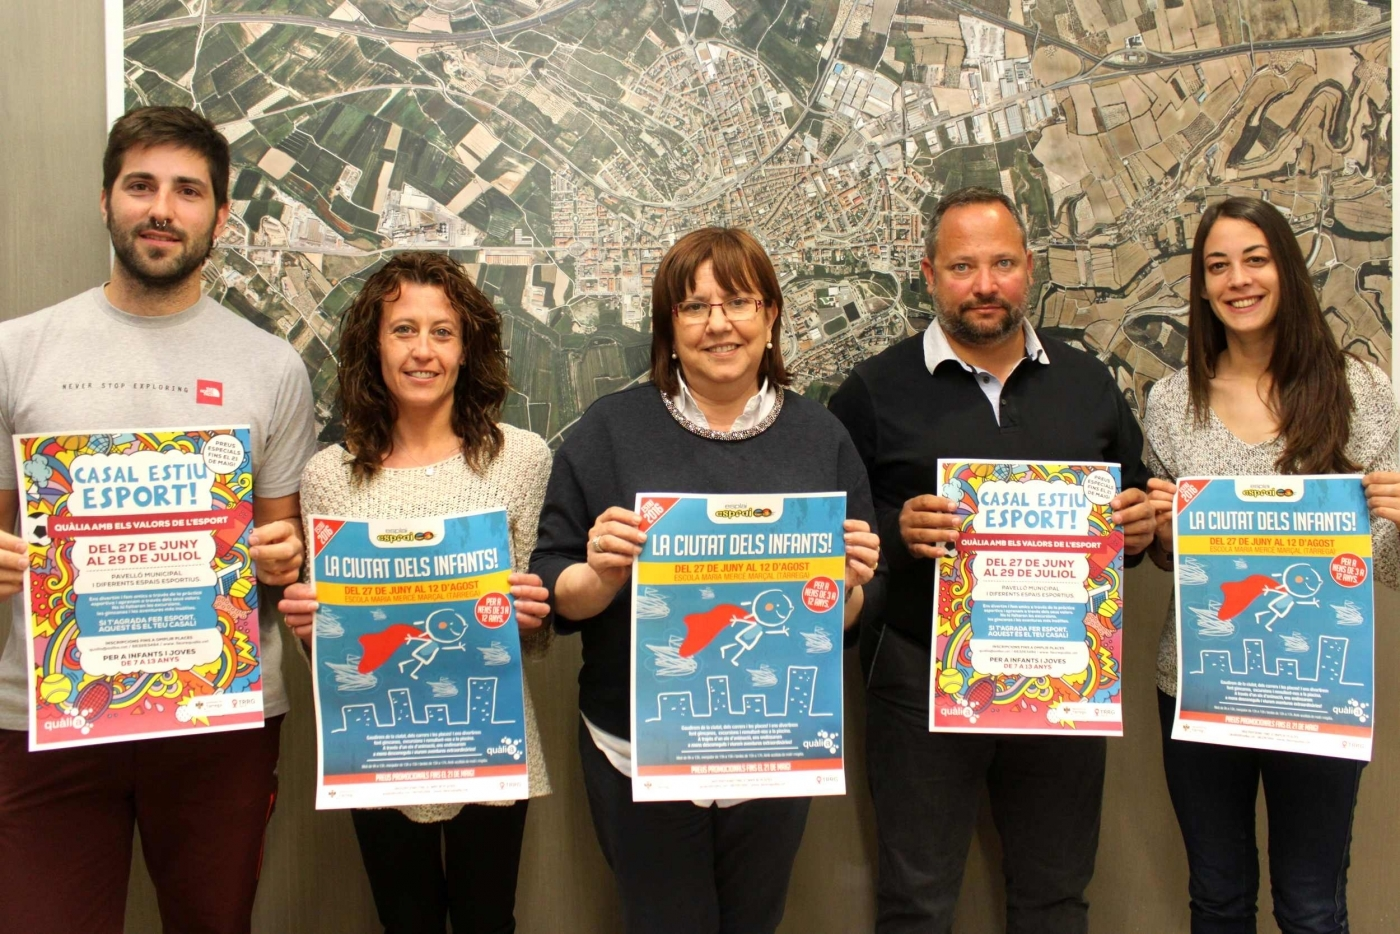 Tàrrega obre la inscripció per als casals municipals d'estiu adreçats a infants i joves, gestionats per Quàlia